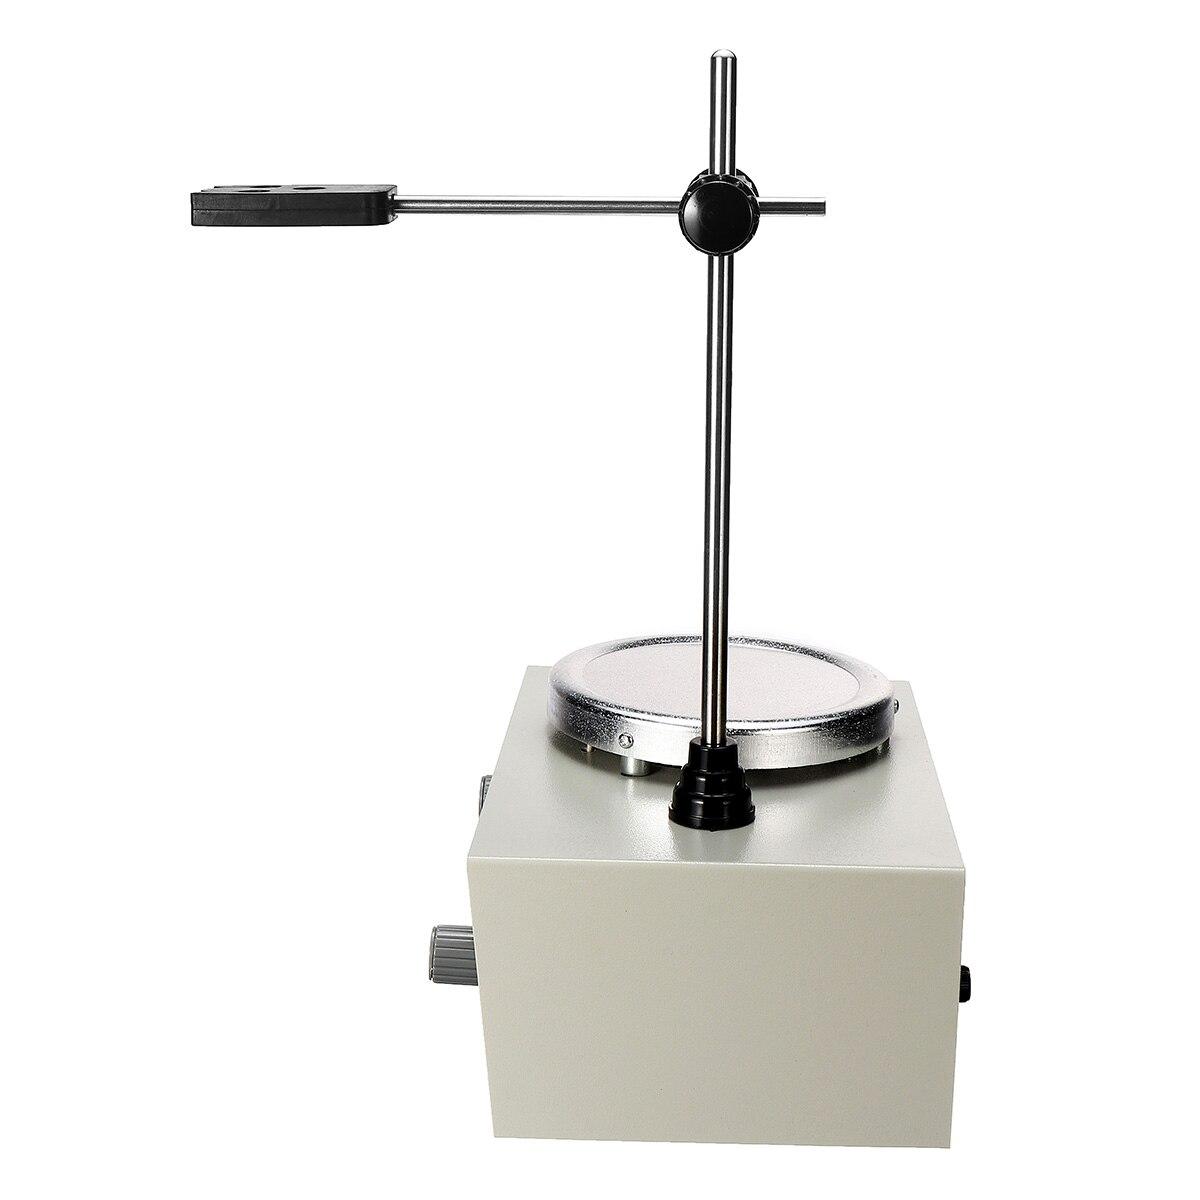 Mélangeur de double contrôle de chauffage de laboratoire US/AU/EU 79-1 110/220 V 250 W agitateur magnétique de plaque chaude 1000 ml aucune Protection de fusibles de bruit/Vibration - 5